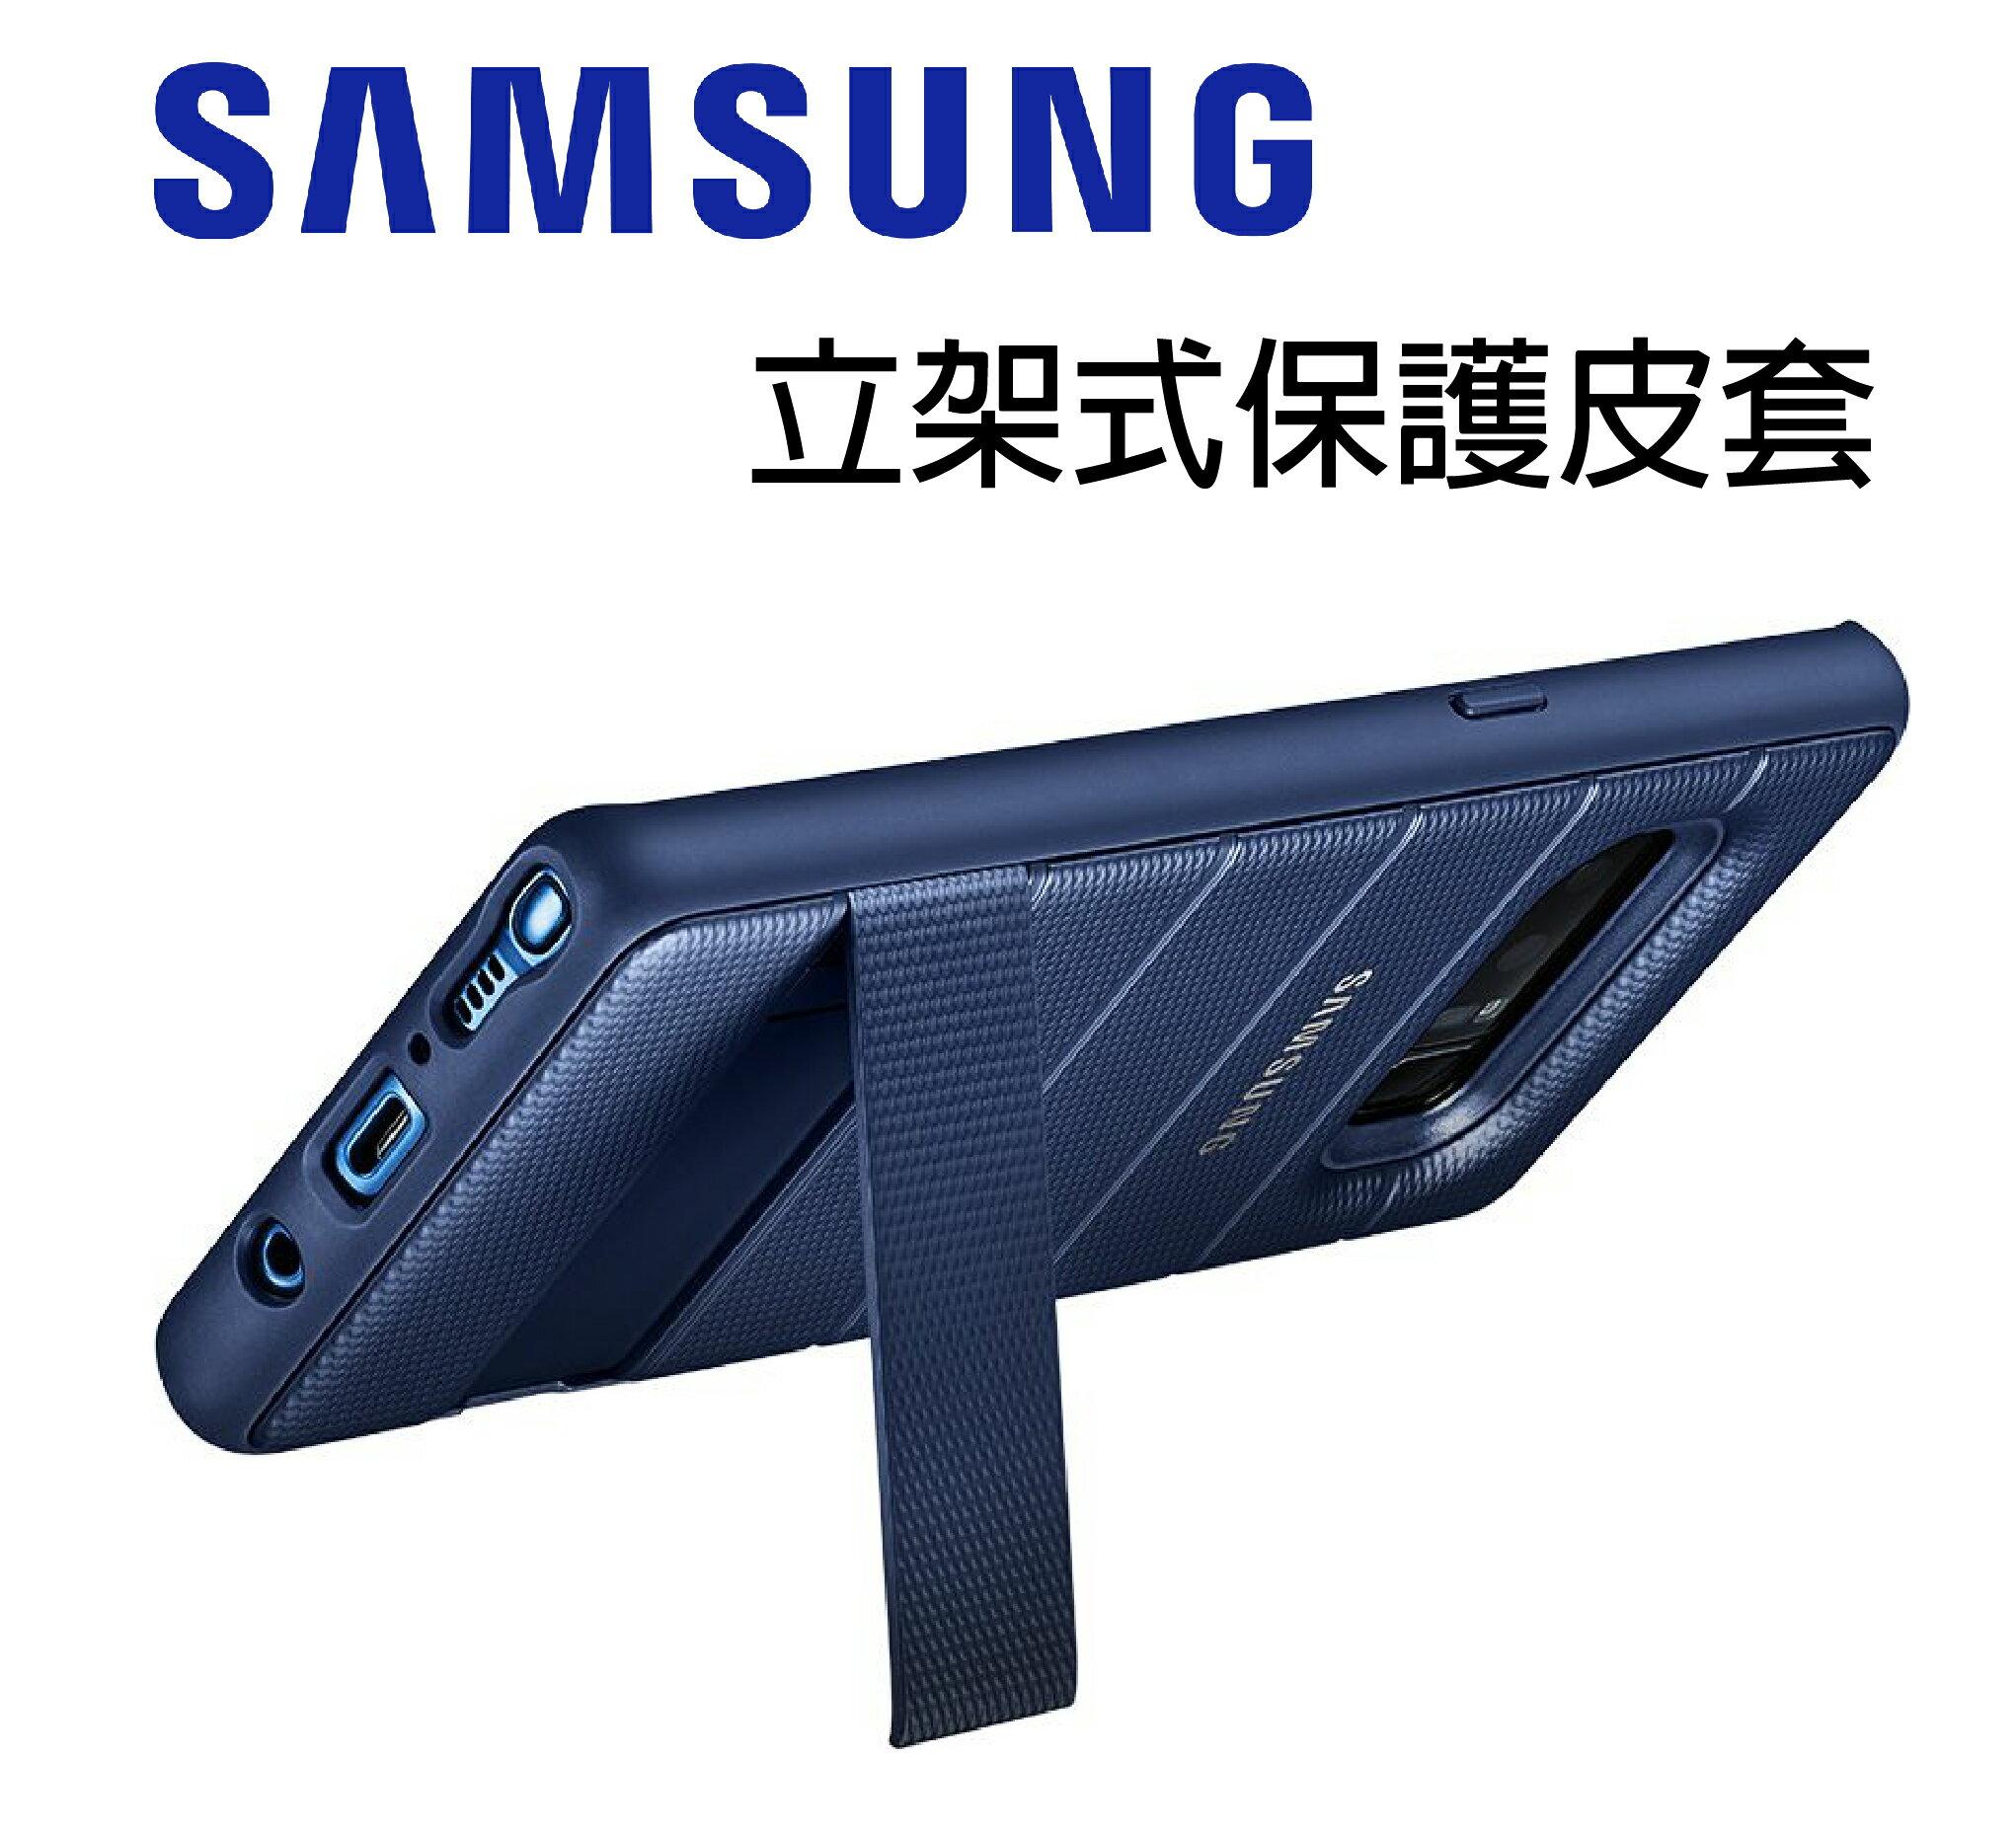 三星 正原廠 SAMSUNG GALAXY Note8 立架式保護皮套 - 黑/藍